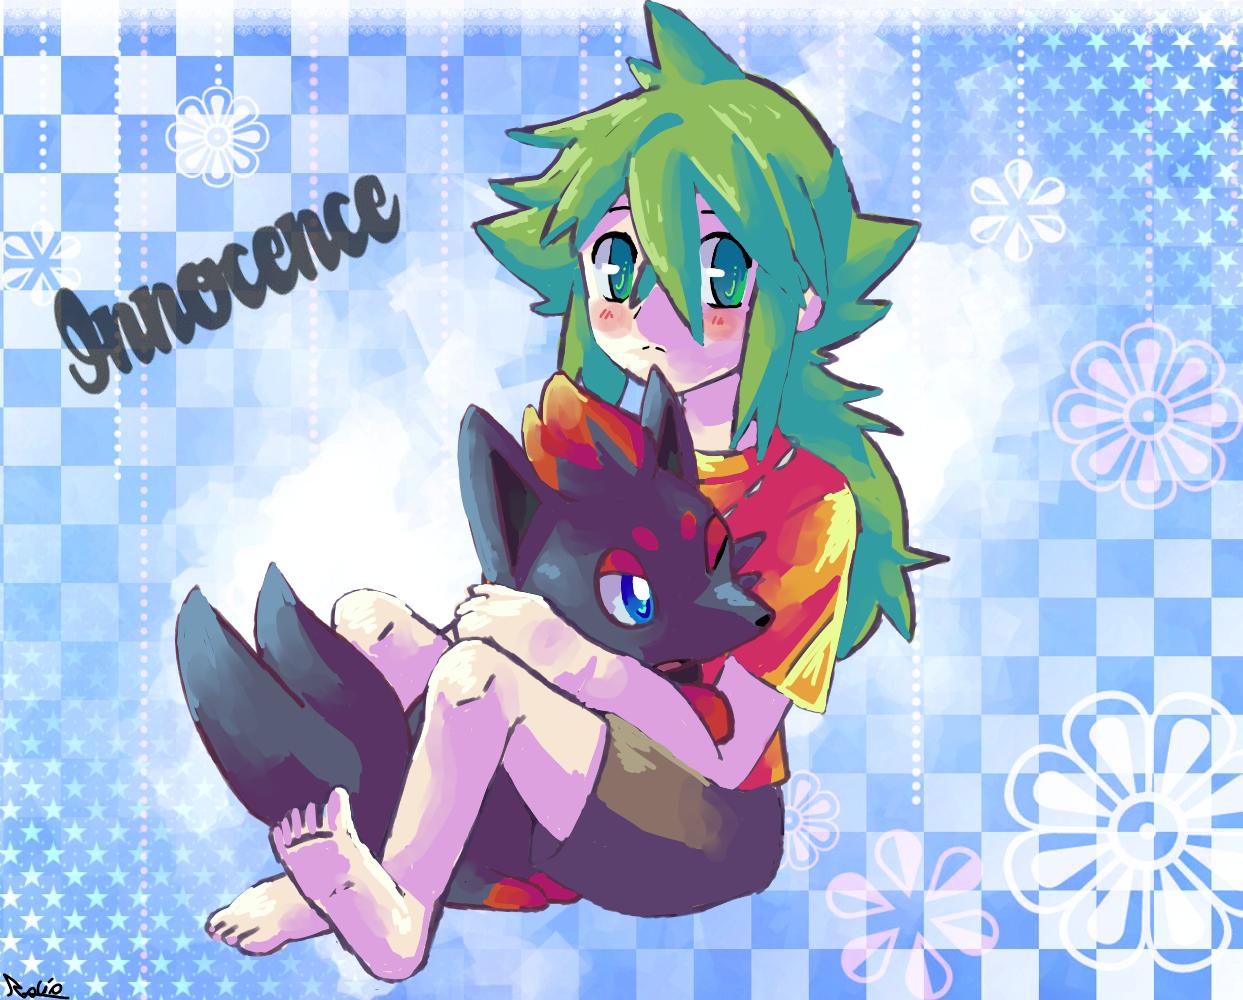 Innocence by RocketHaruka